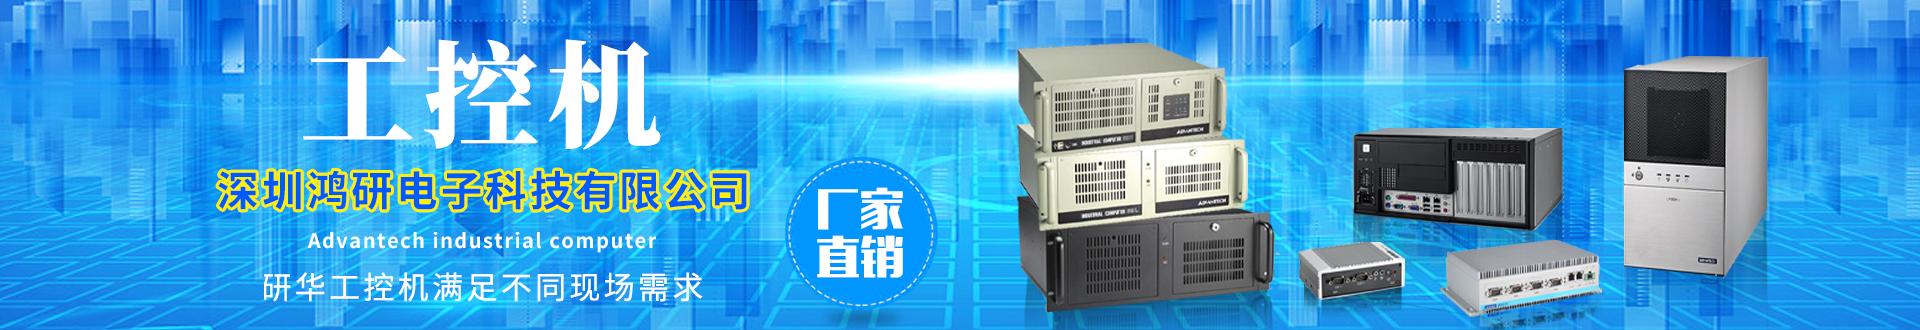 深圳鸿研电子科技有限公司